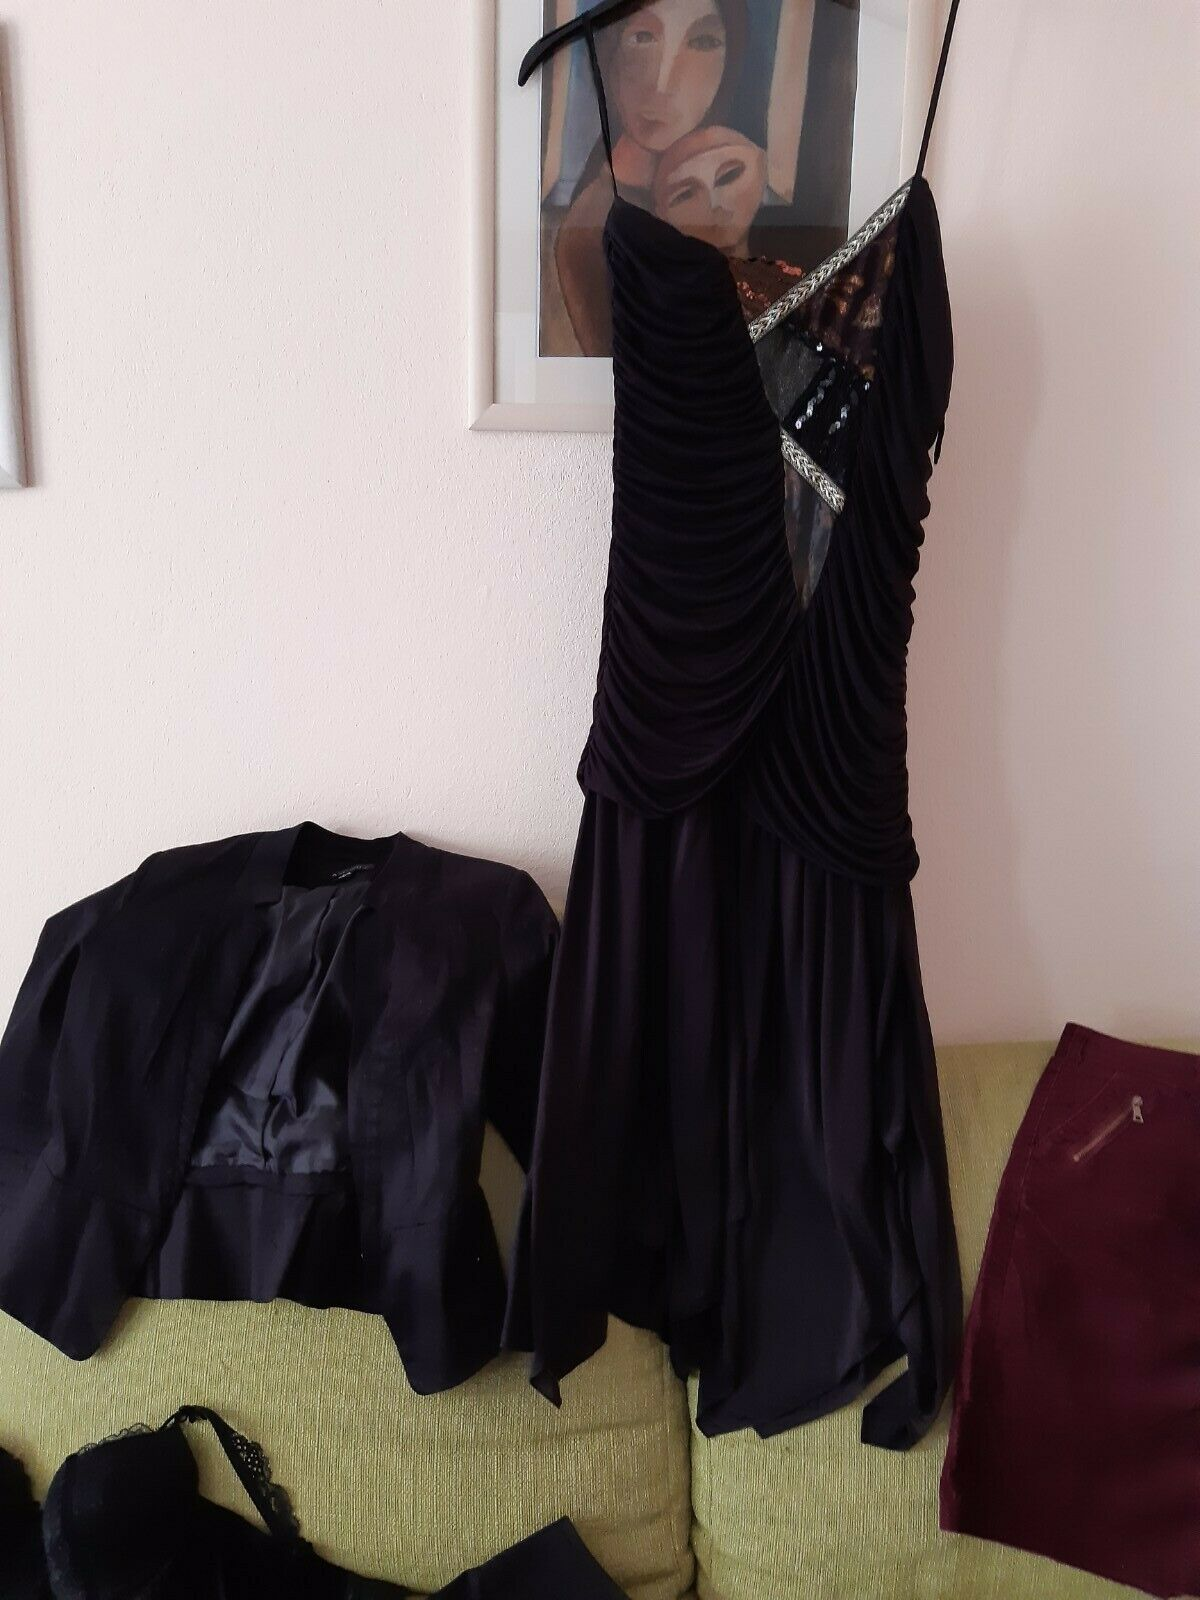 17-teiliges Kleidungsset, Hose, Rock, Kleid, Dirndl, Jacke, Set, Größe S, Herbst